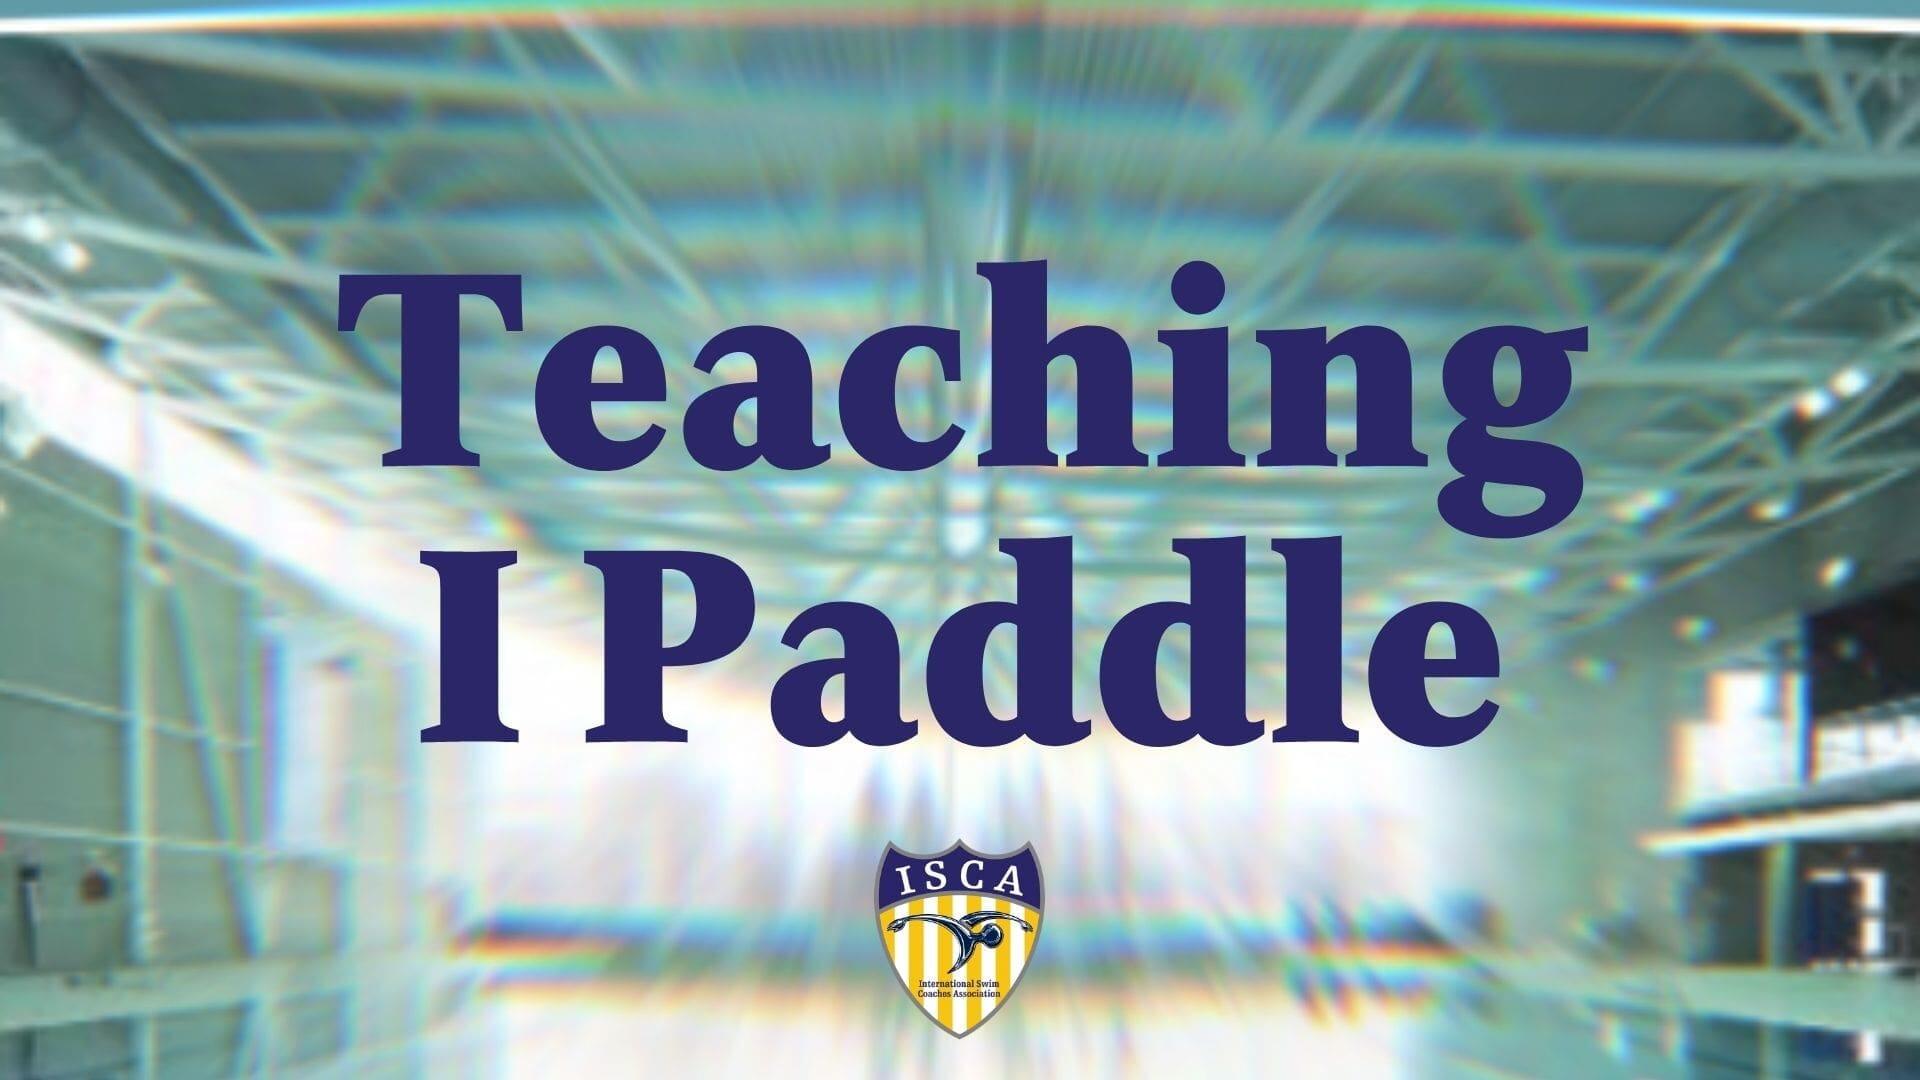 Teaching I Paddle